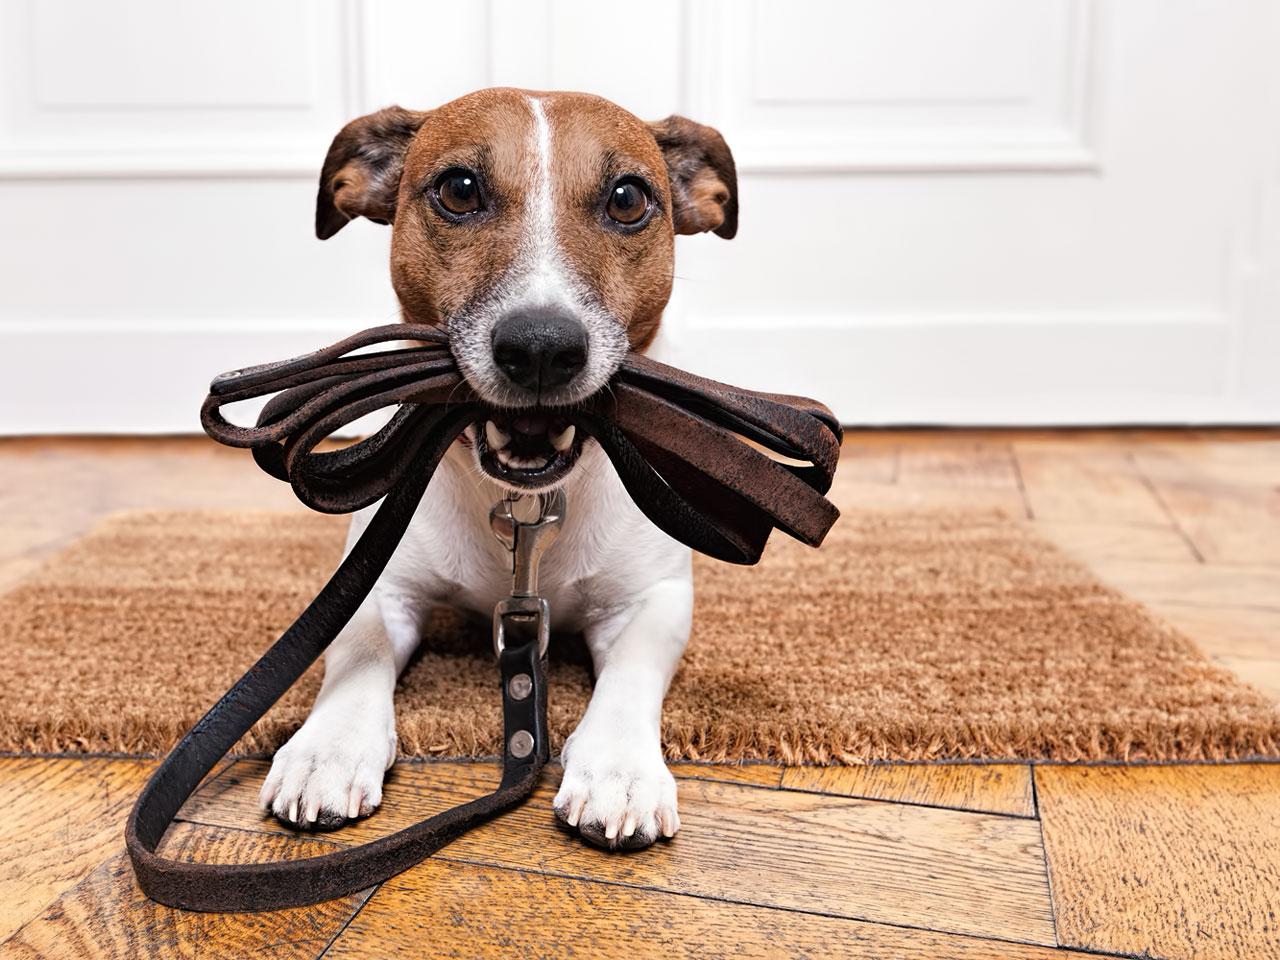 Jack Russell Terrier mit Hundeleine im Maul